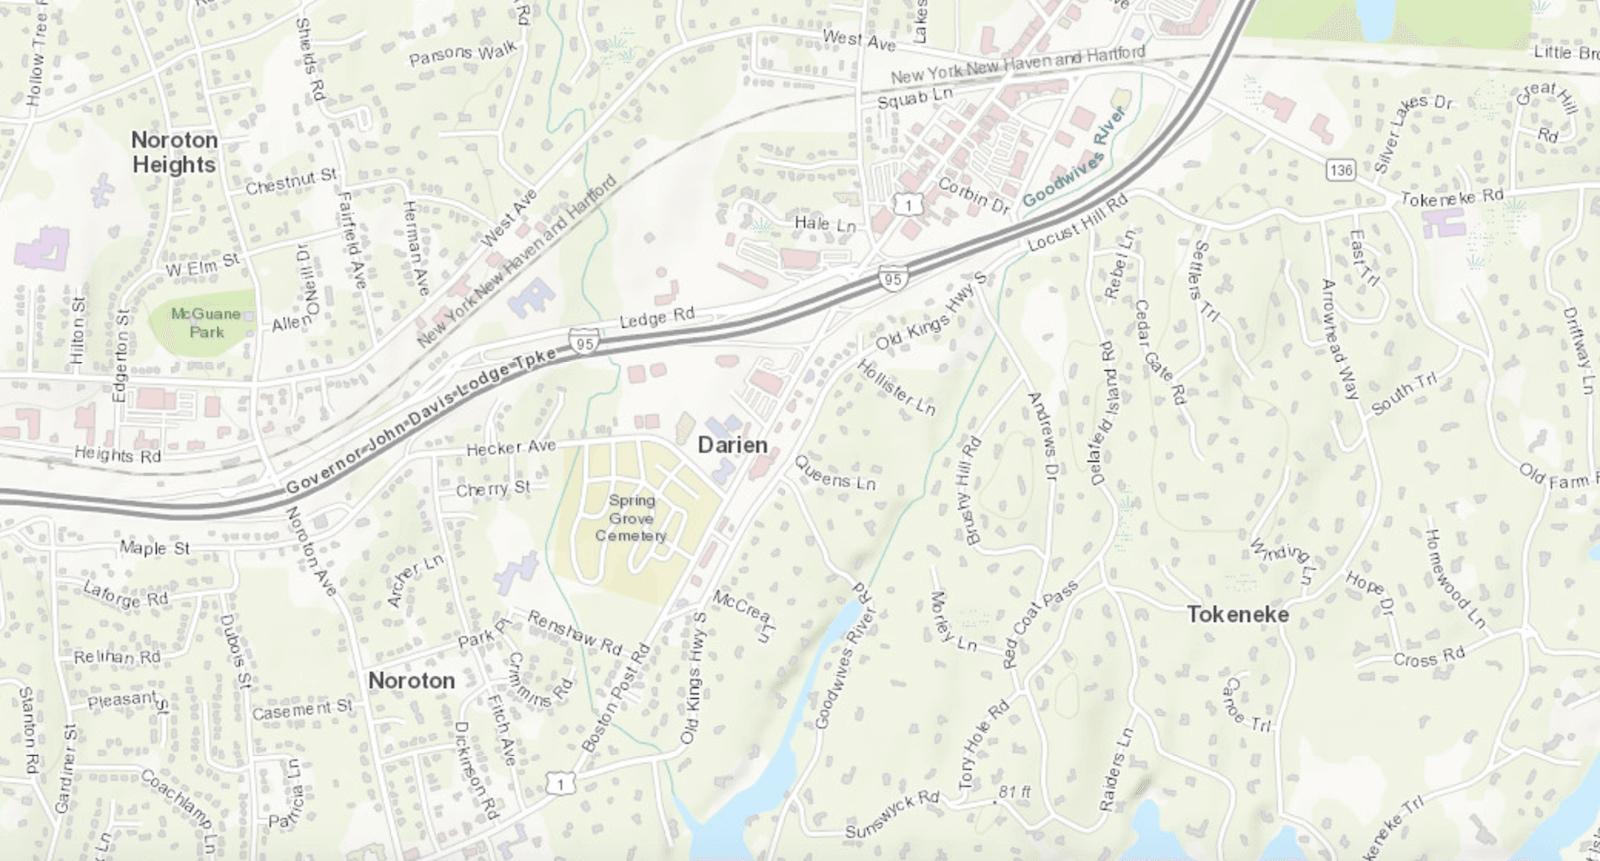 Street map of Darien, CT